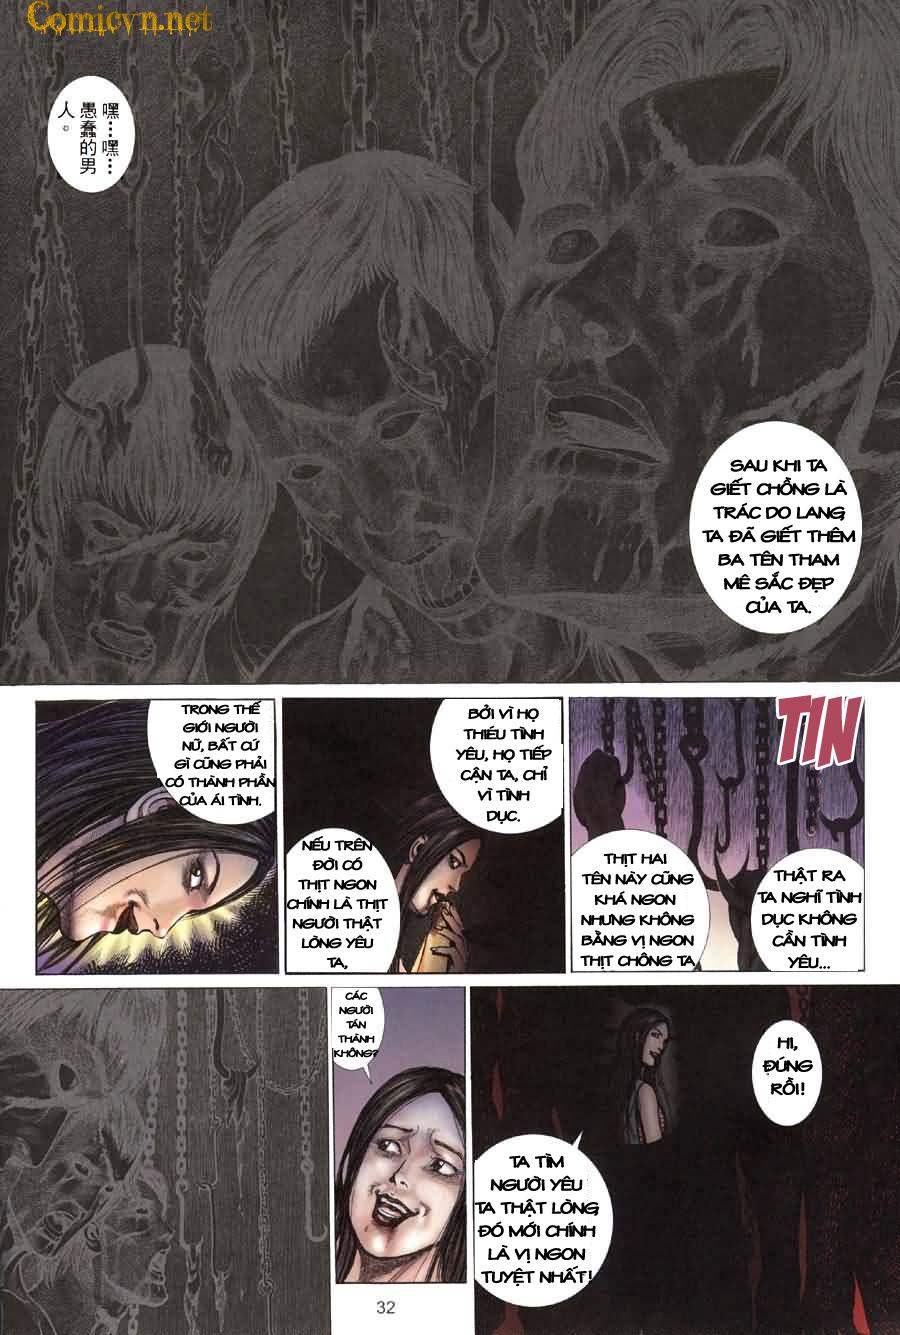 Quỷ Mộ chap 002 trang 32